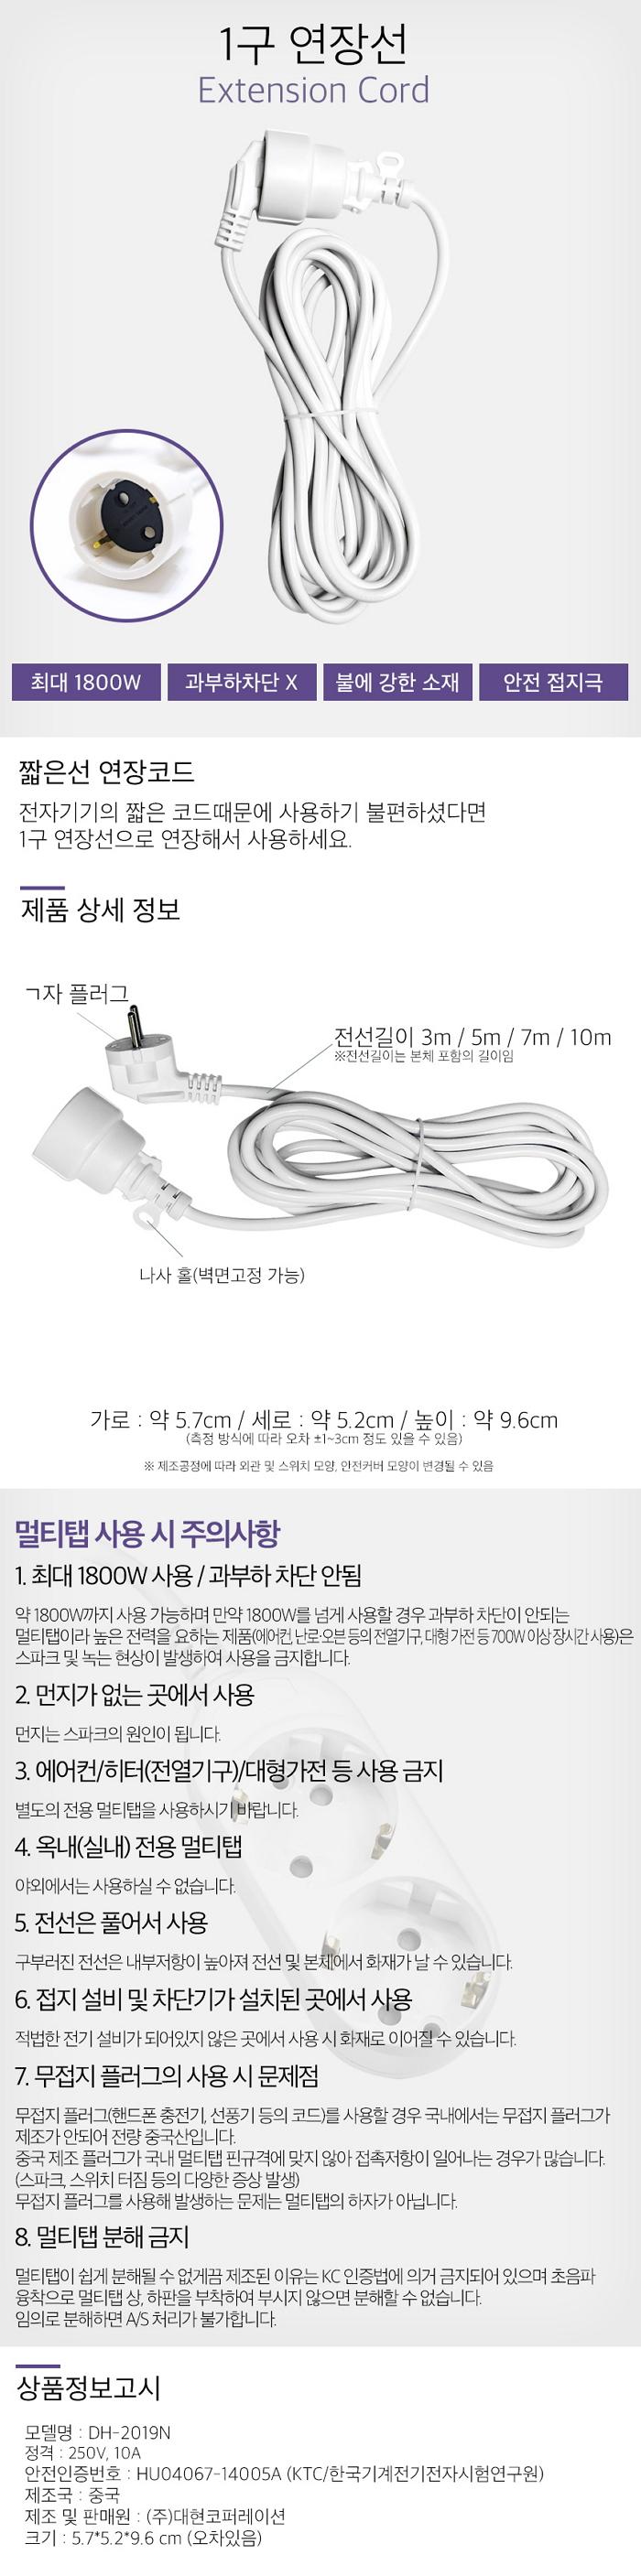 대현코퍼레이션 써지오 1구 멀티탭 연장선(10m)